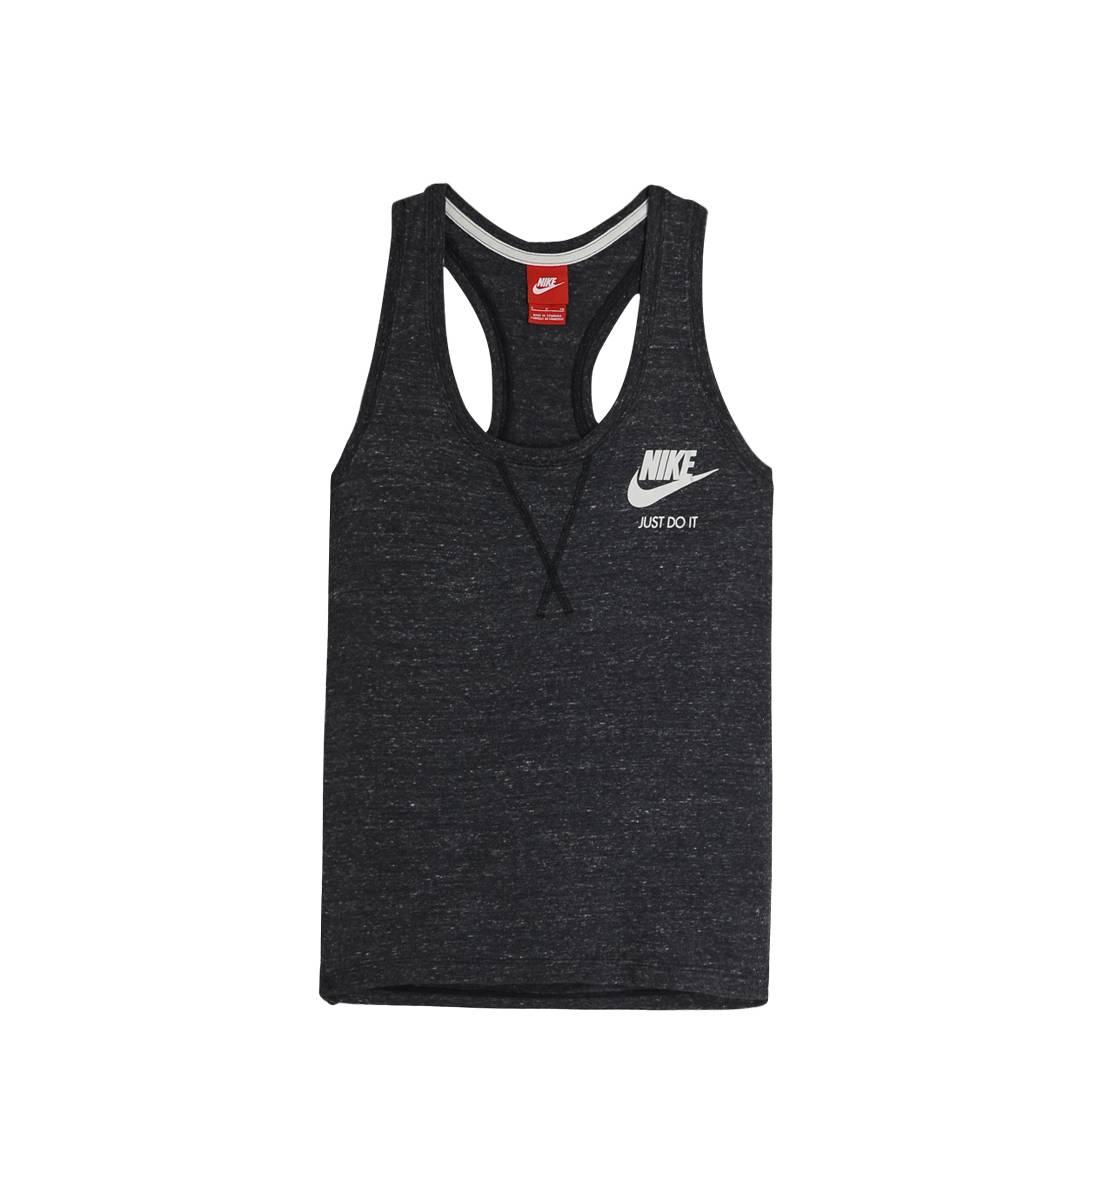 release date: a few days away best sale T shirt running nike femme - Chaussure - lescahiersdalter